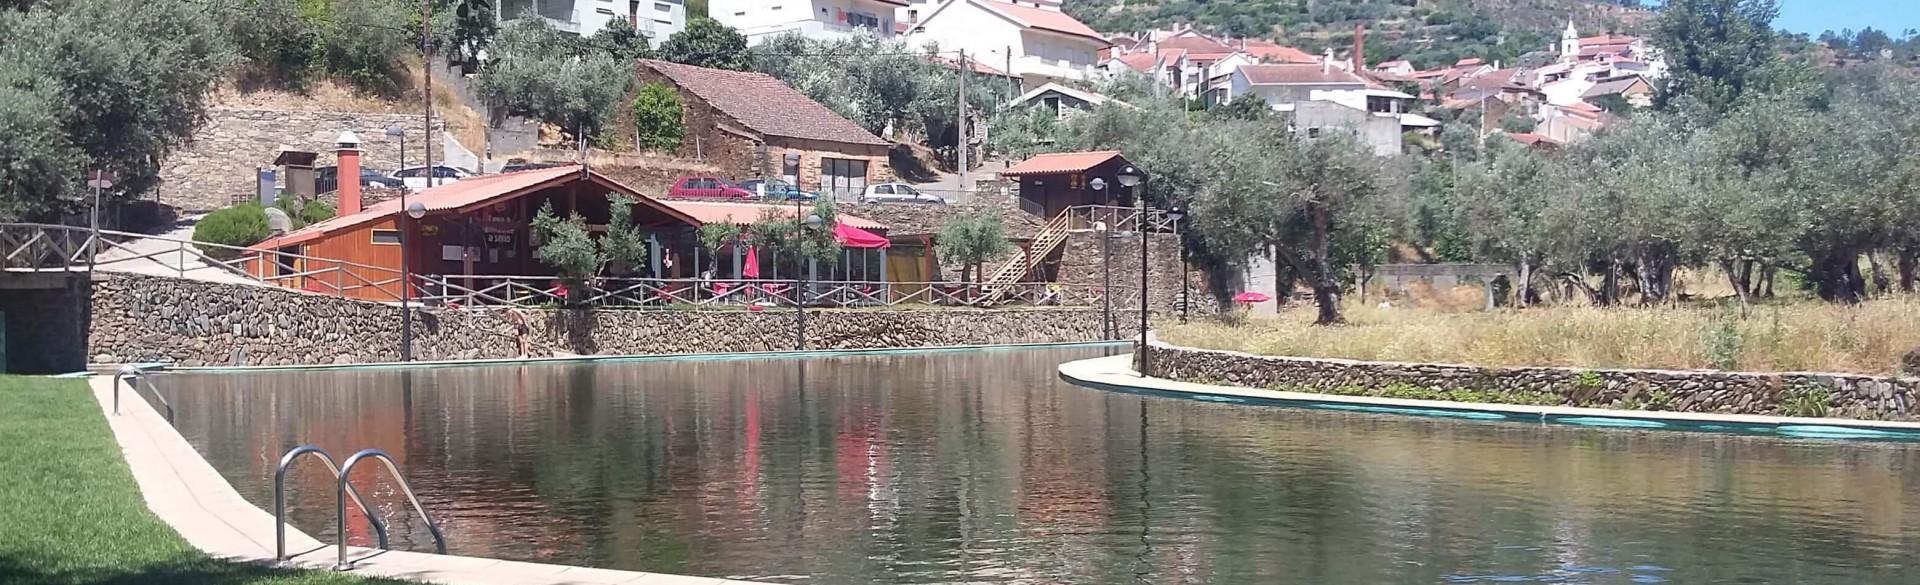 Casa da Oliveira - Casas dos Carregais